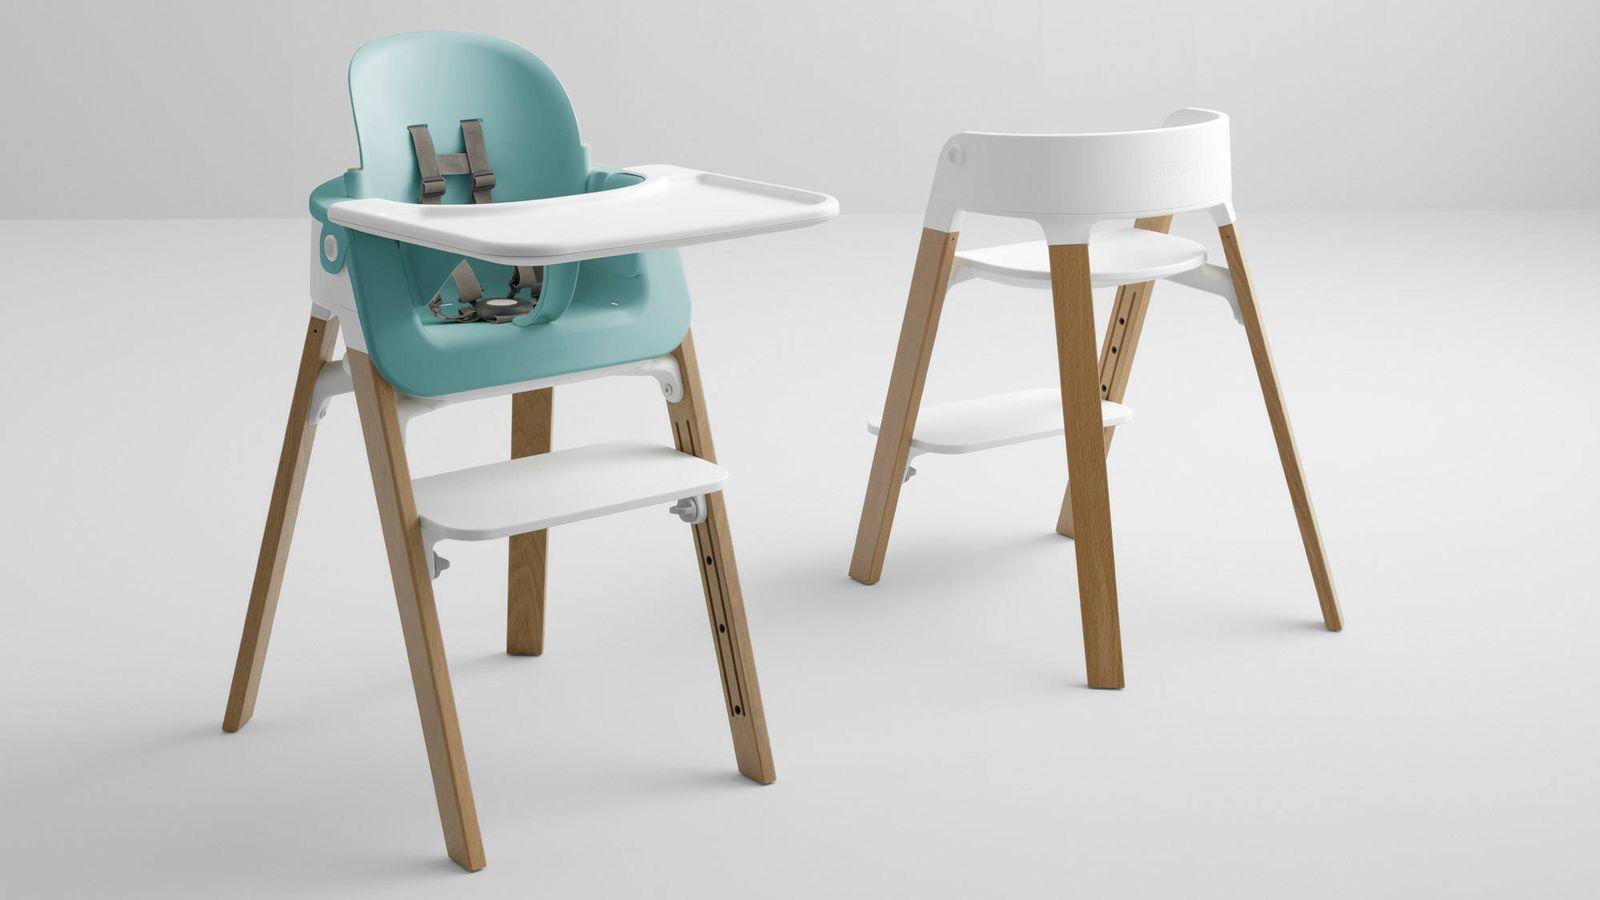 Diseño: Nueva colección de asientos para las sillas Tripp